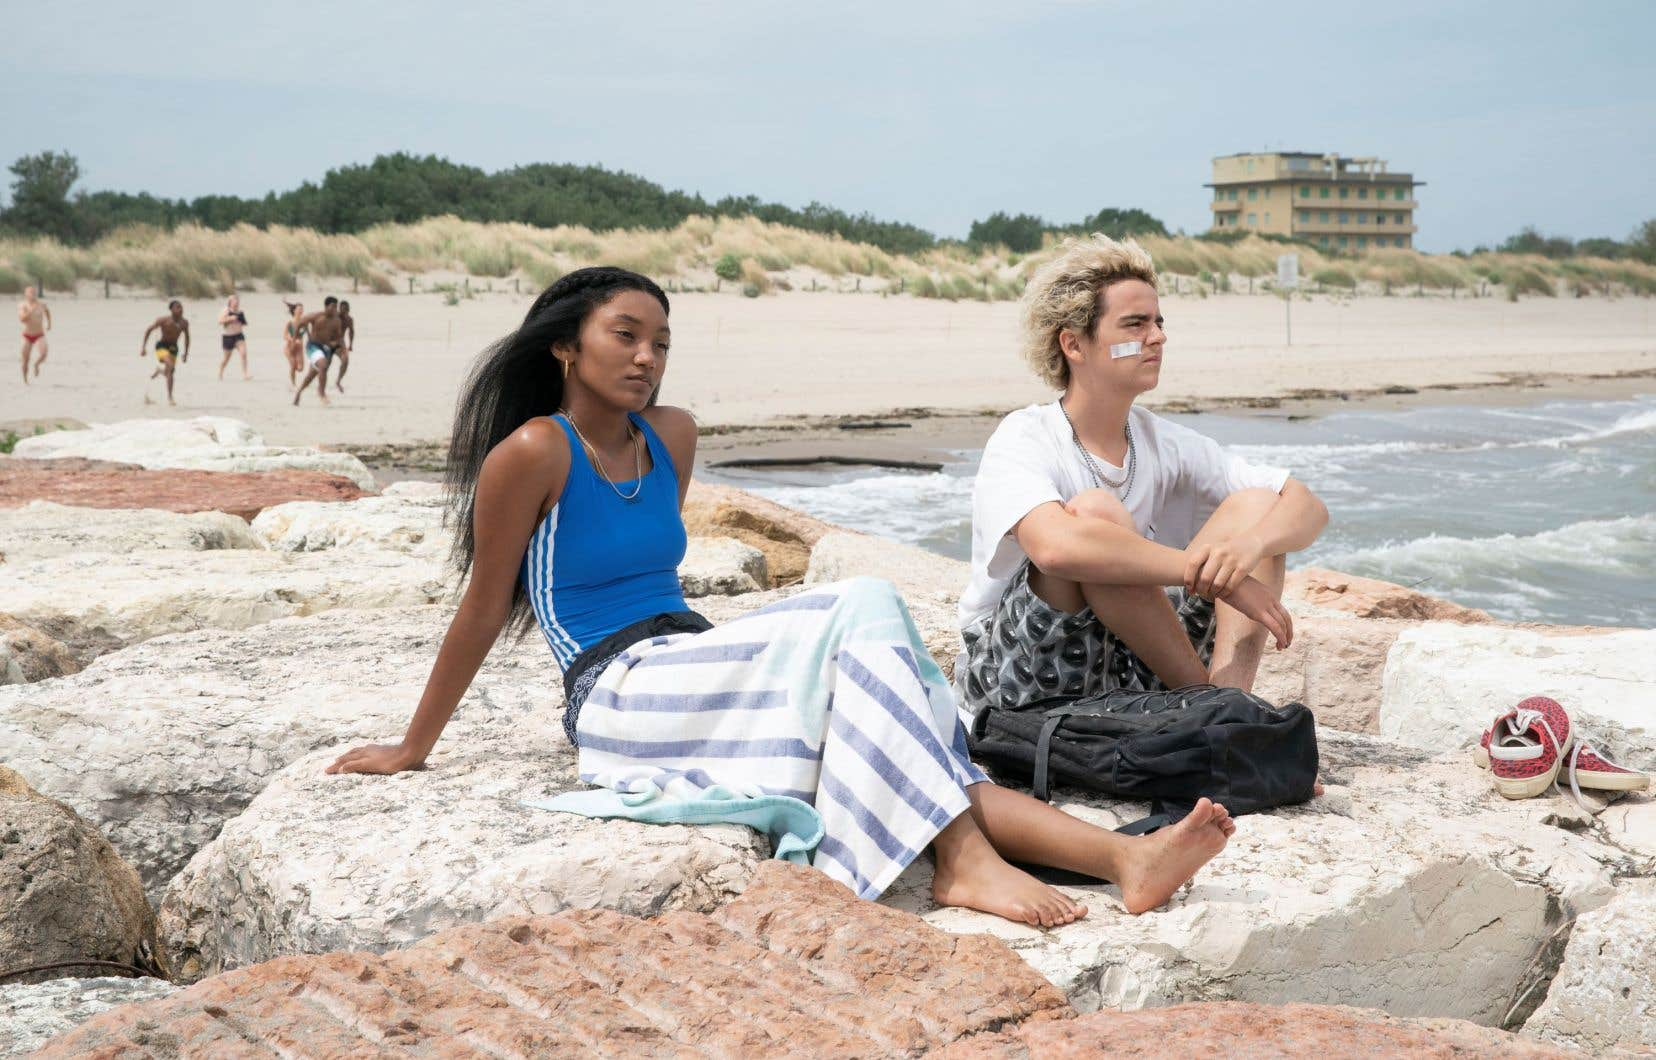 Jack Dylan Grazer et Jordan Kristine Seamón font partie des nouveaux visages qui portent la série.